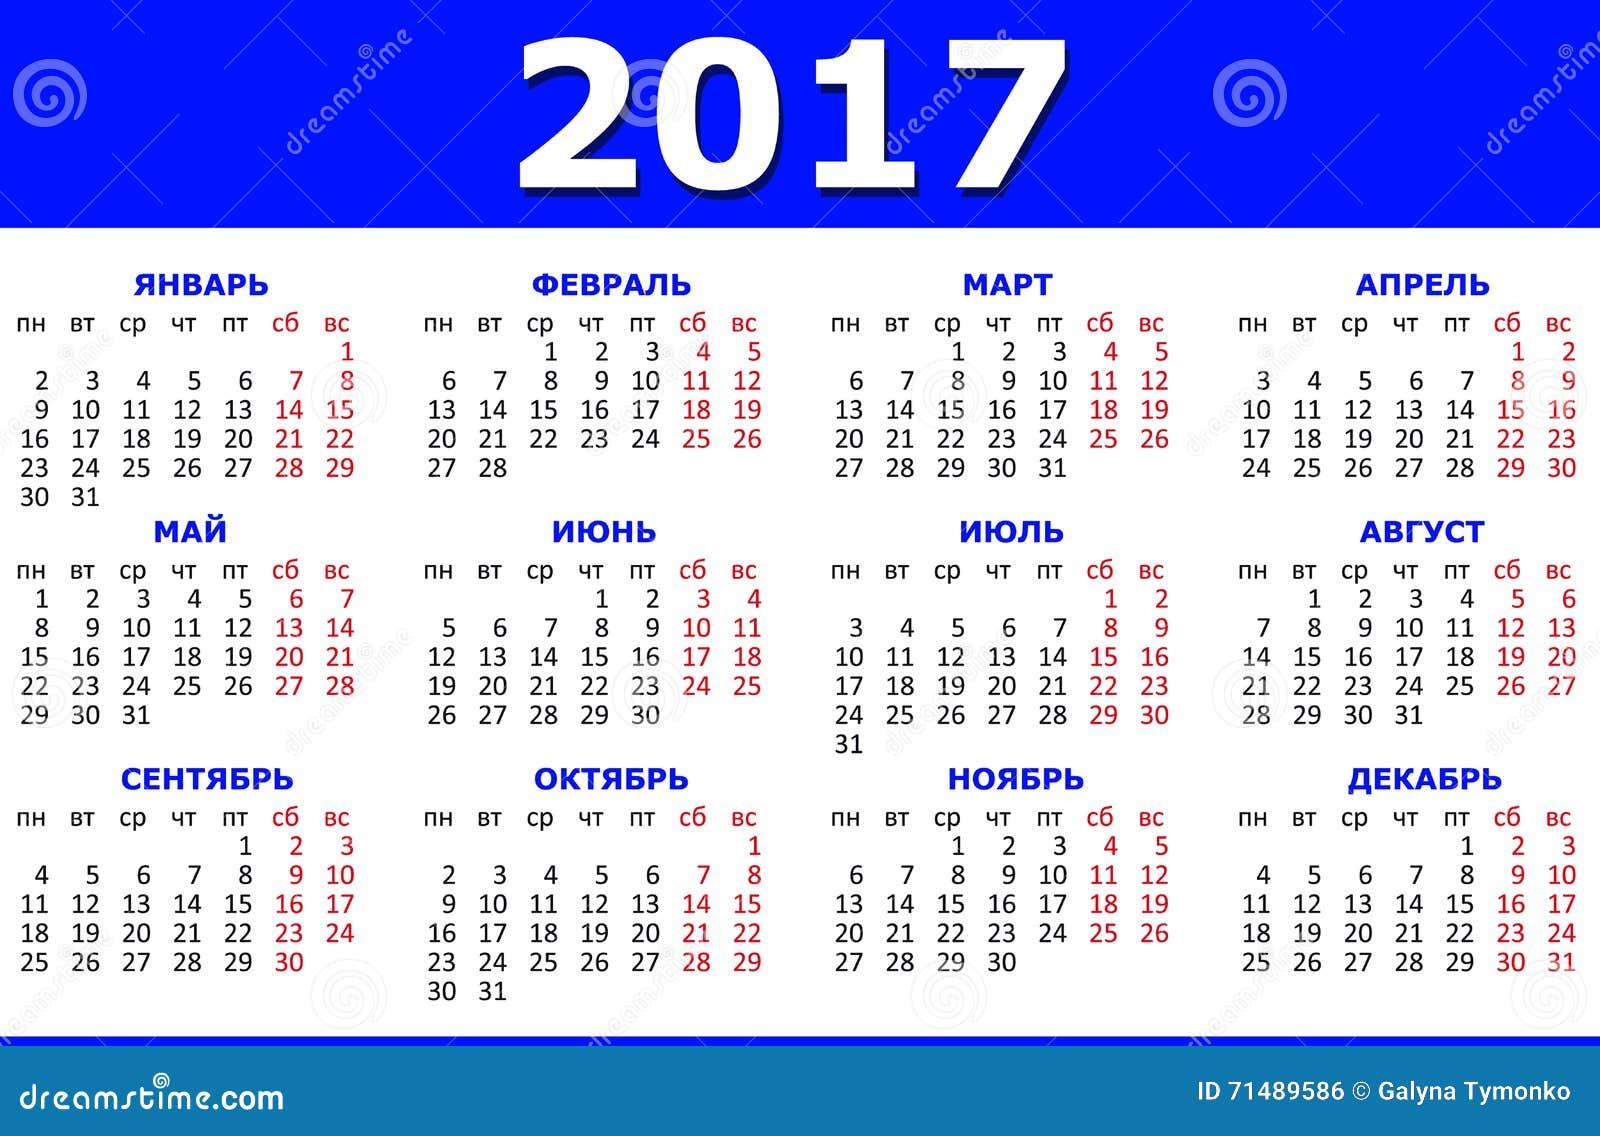 КАЛЕНДАРЬ 2017 ГОДА С ПРИВЯЗКОЙ К КОНТАКТАМ И ДНЯМИ РОЖДЕНИЯ ДЛЯ ТЕЛЕФОНА СКАЧАТЬ БЕСПЛАТНО